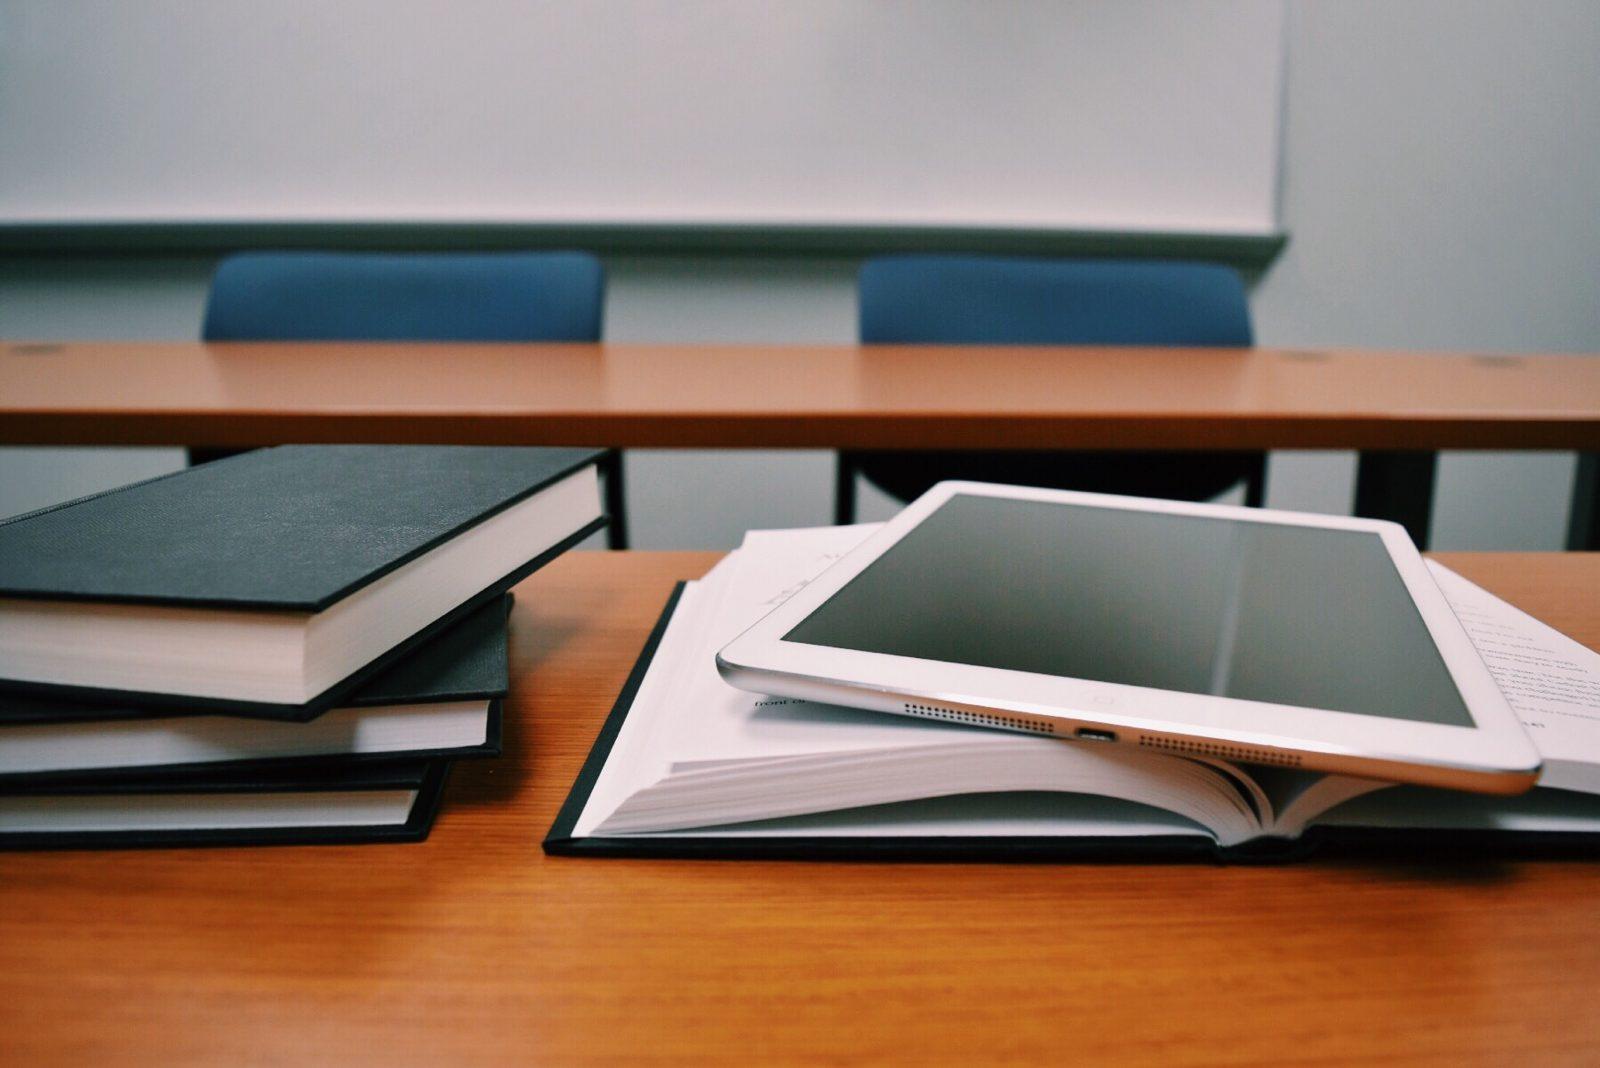 Standardele și standardizarea în mediul universitar – Chișinău